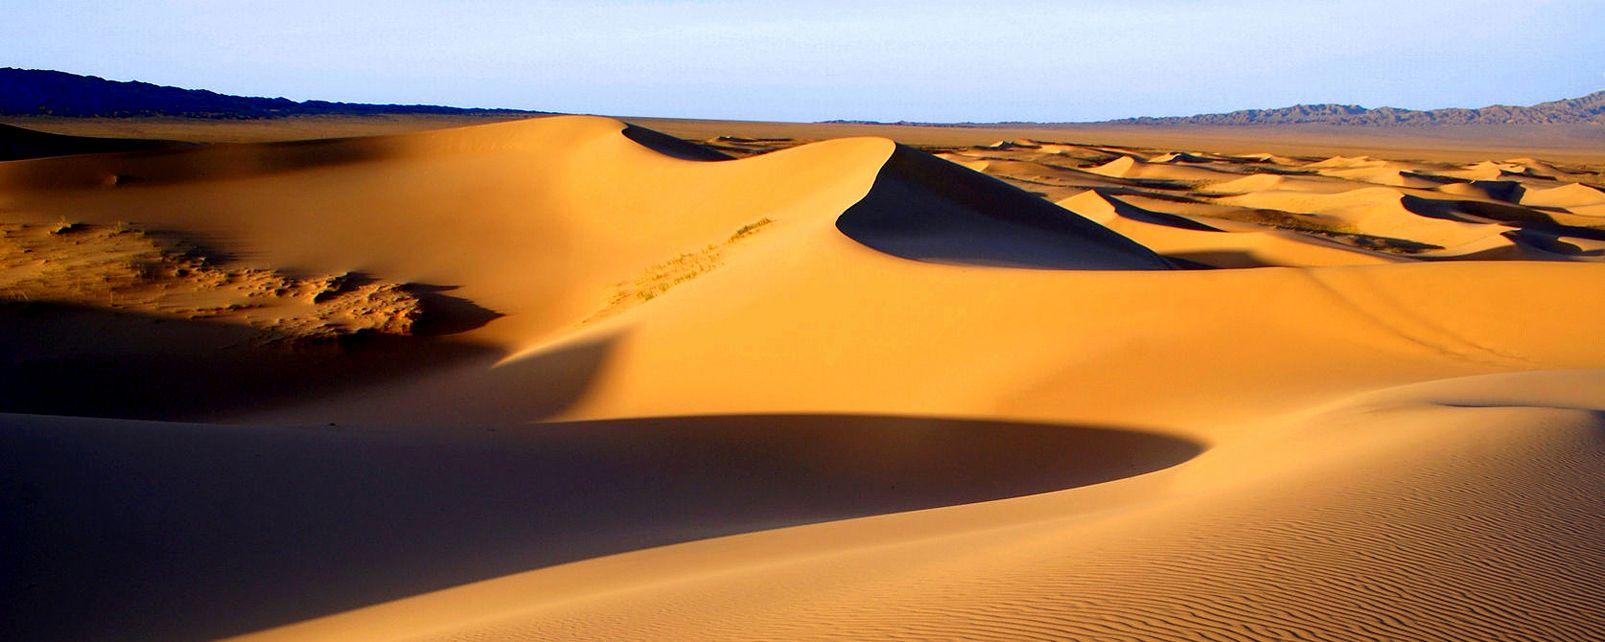 the gobi desert mongolia